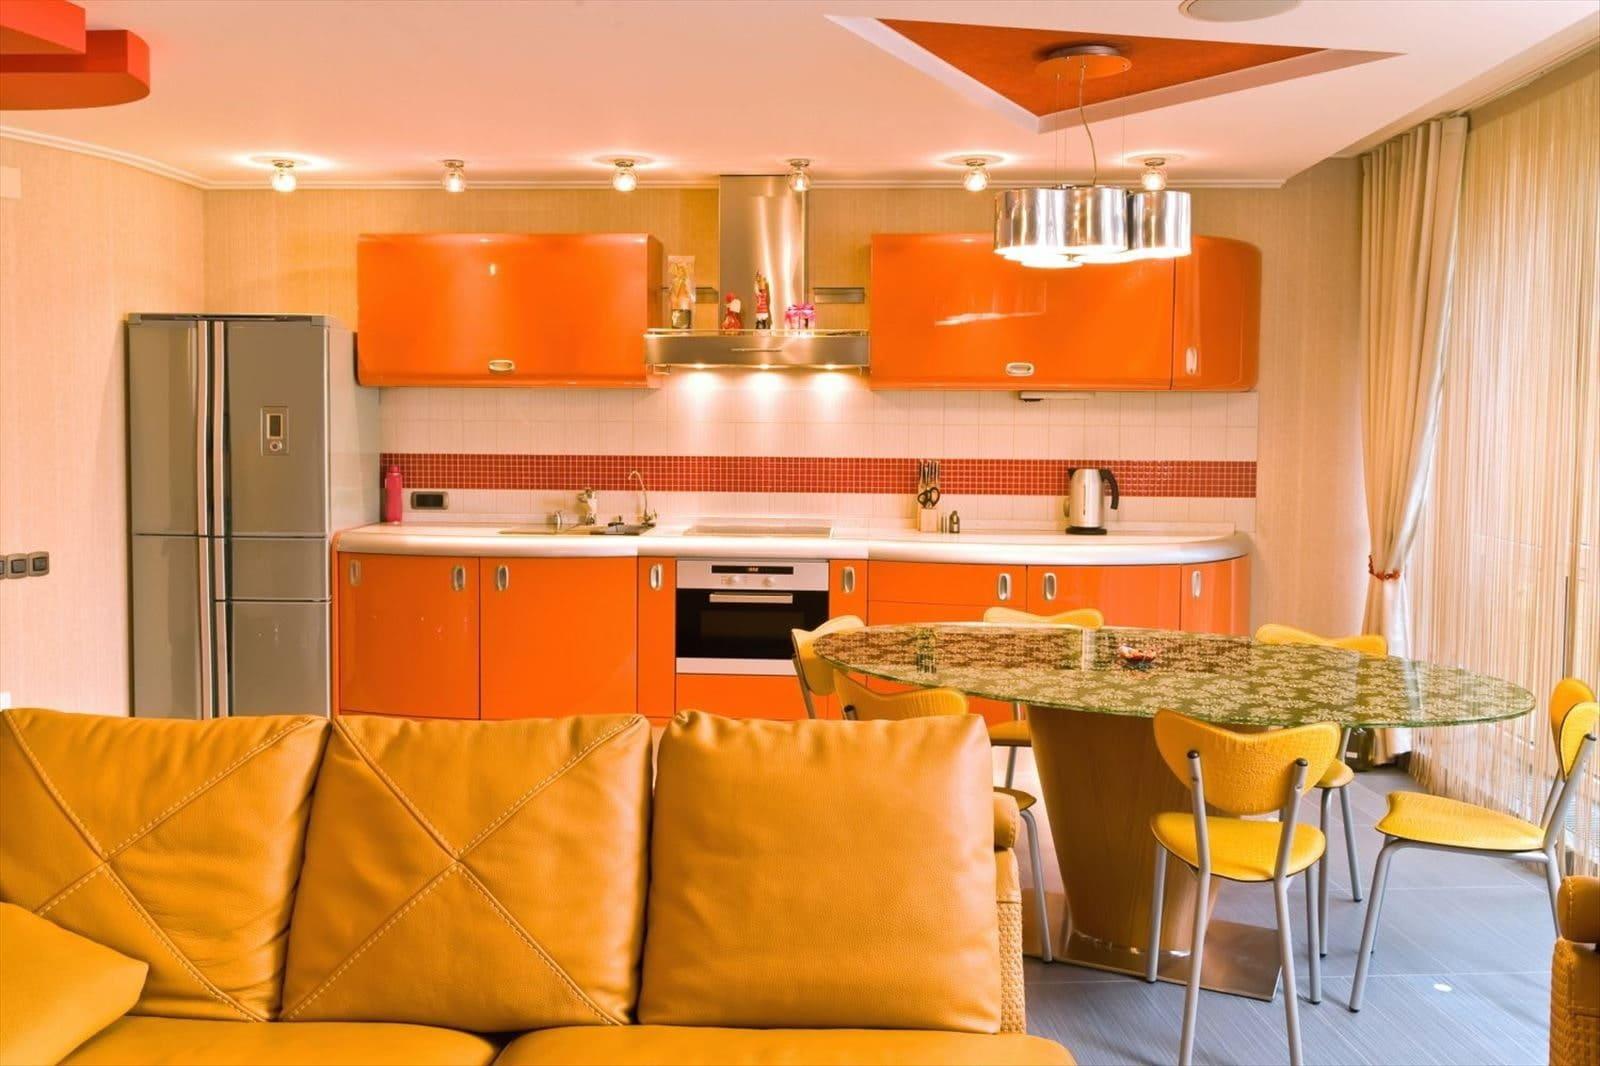 точечная подсветка на оранжевой кухне